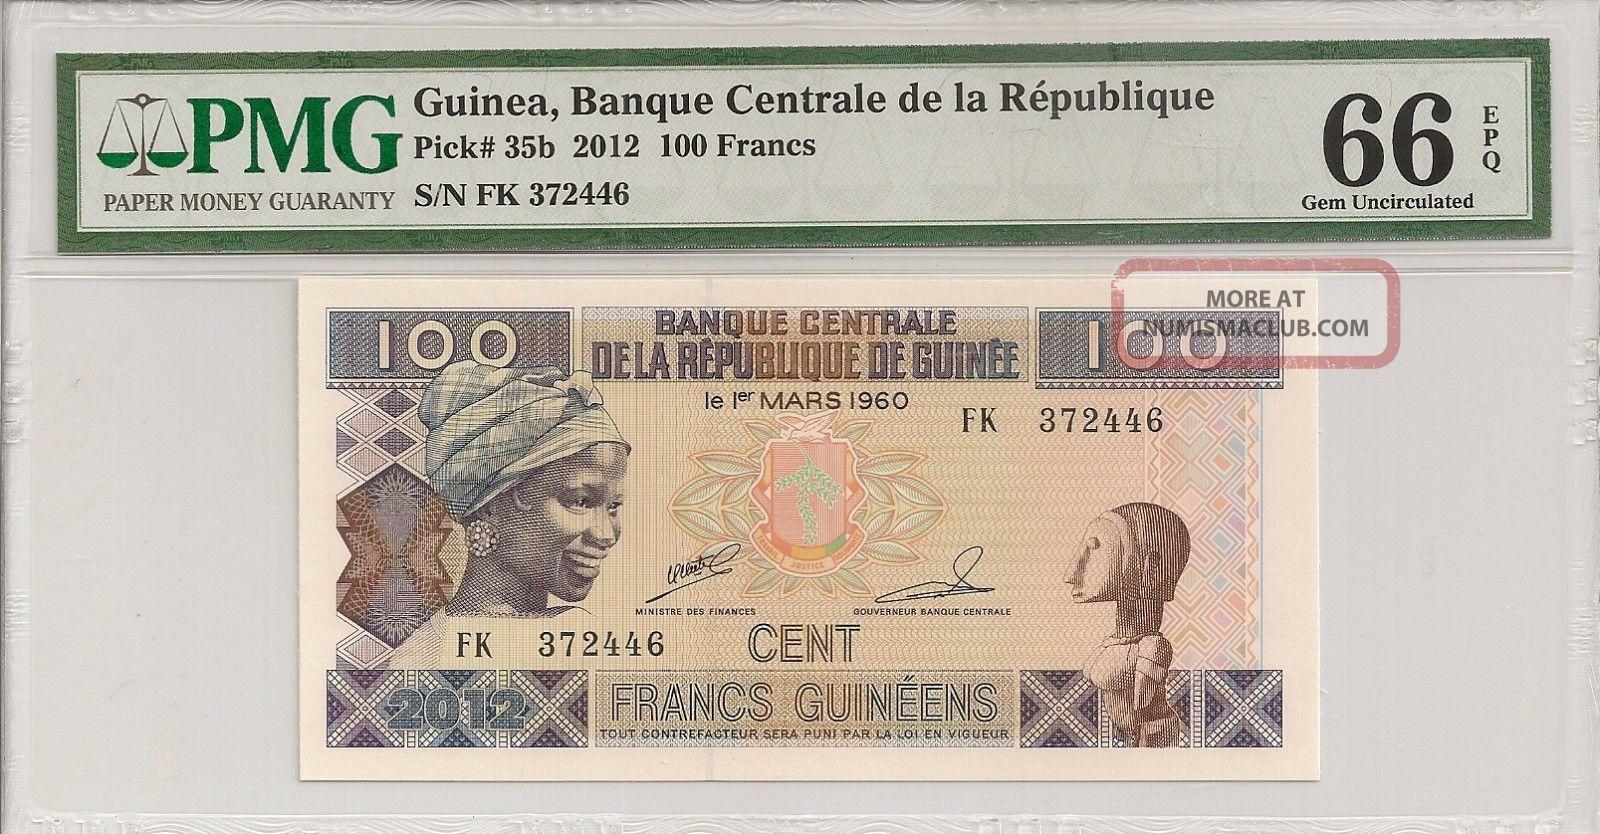 P - 35b 2012 100 Francs,  Guinea,  Banque Centrale De La Republique,  Pmg 66epq Africa photo